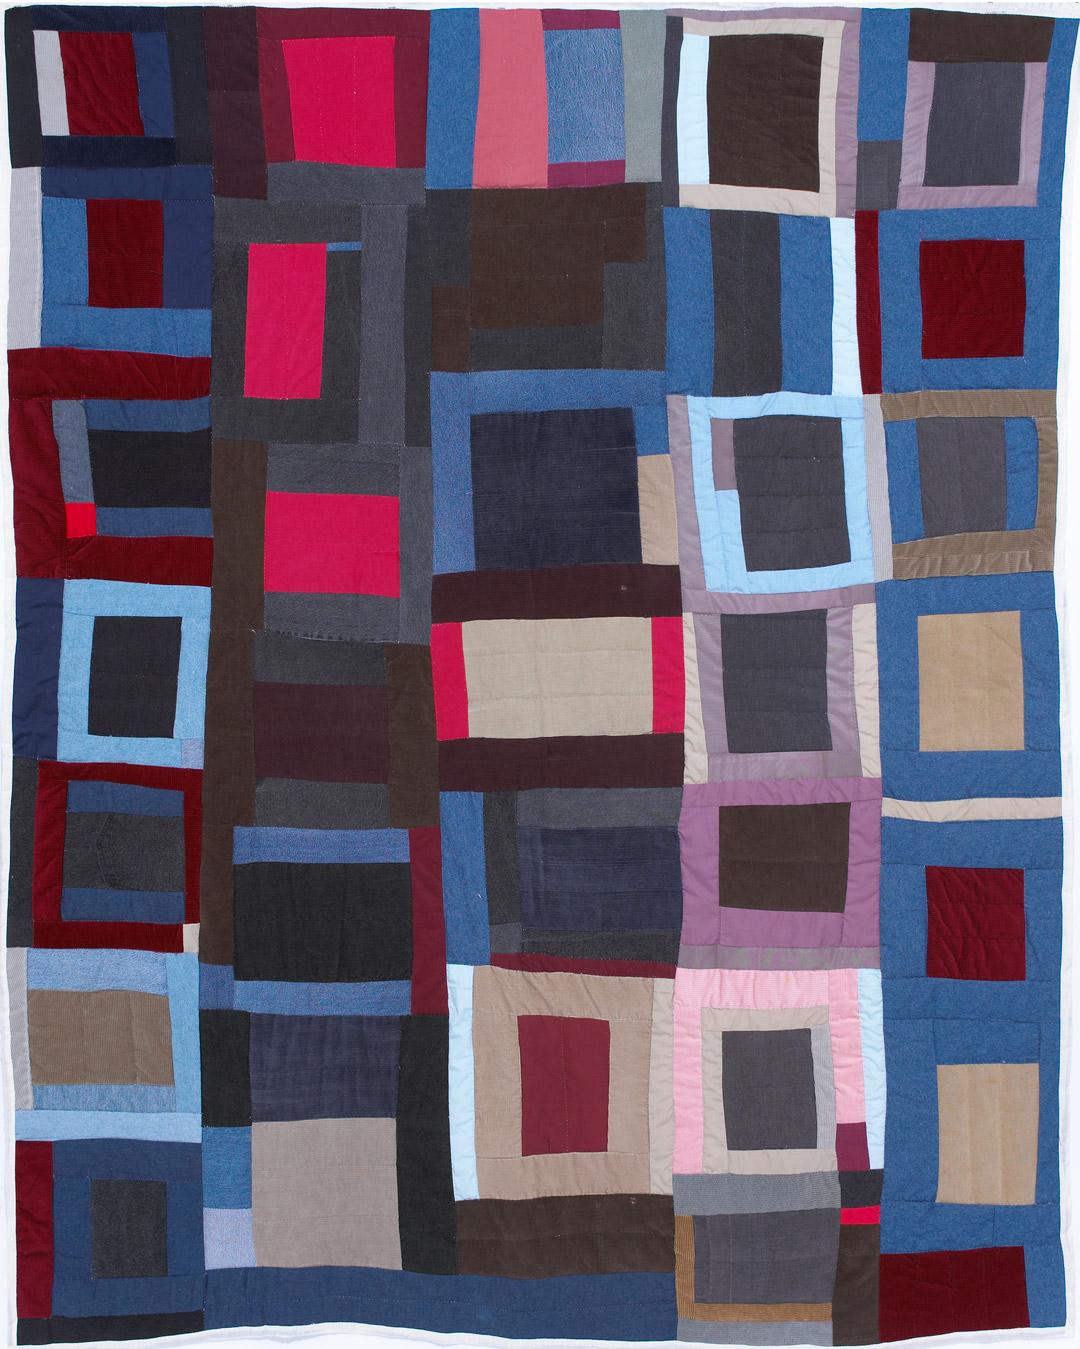 Object of the Week: Blocks